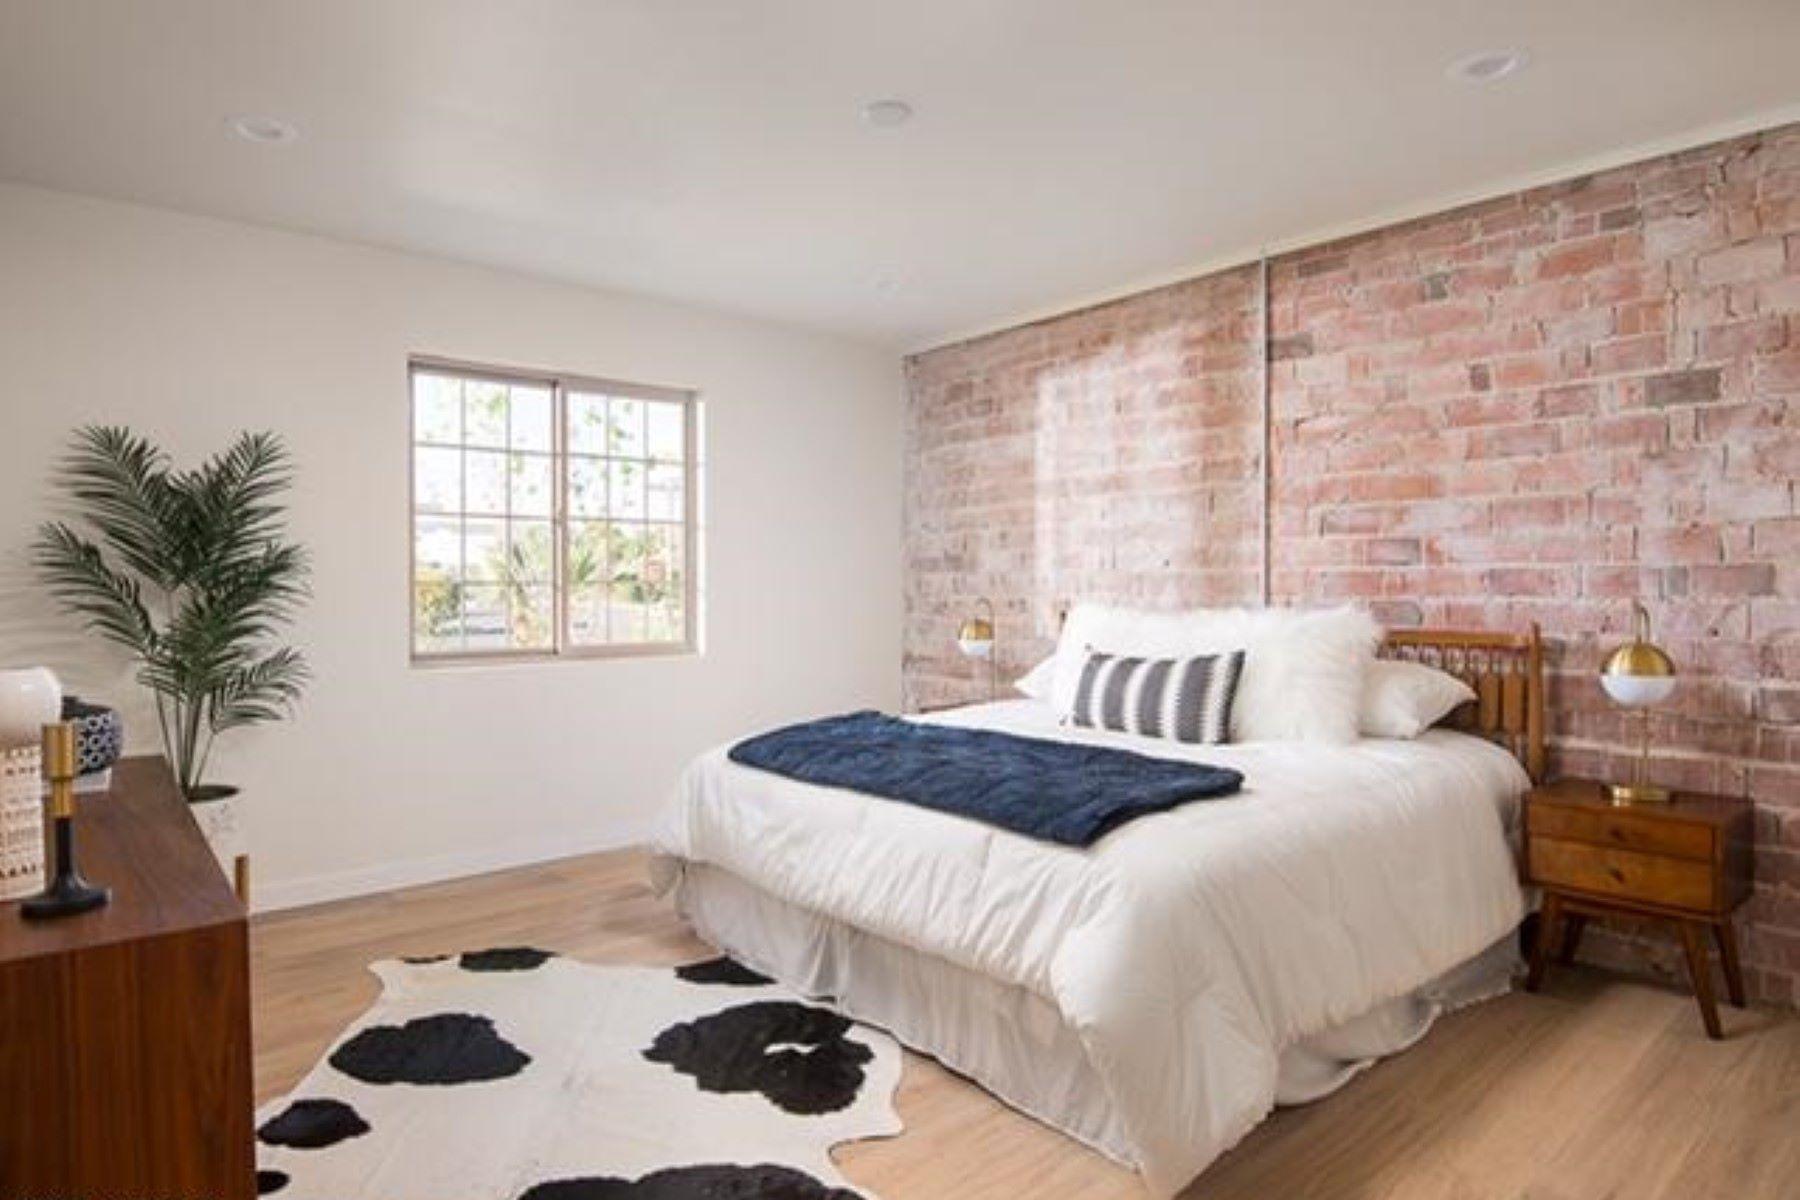 Einfamilienhaus für Verkauf beim beautifully remodeled property in Camelback Corridor 3131 E Highland Ave Phoenix, Arizona, 85016 Vereinigte Staaten